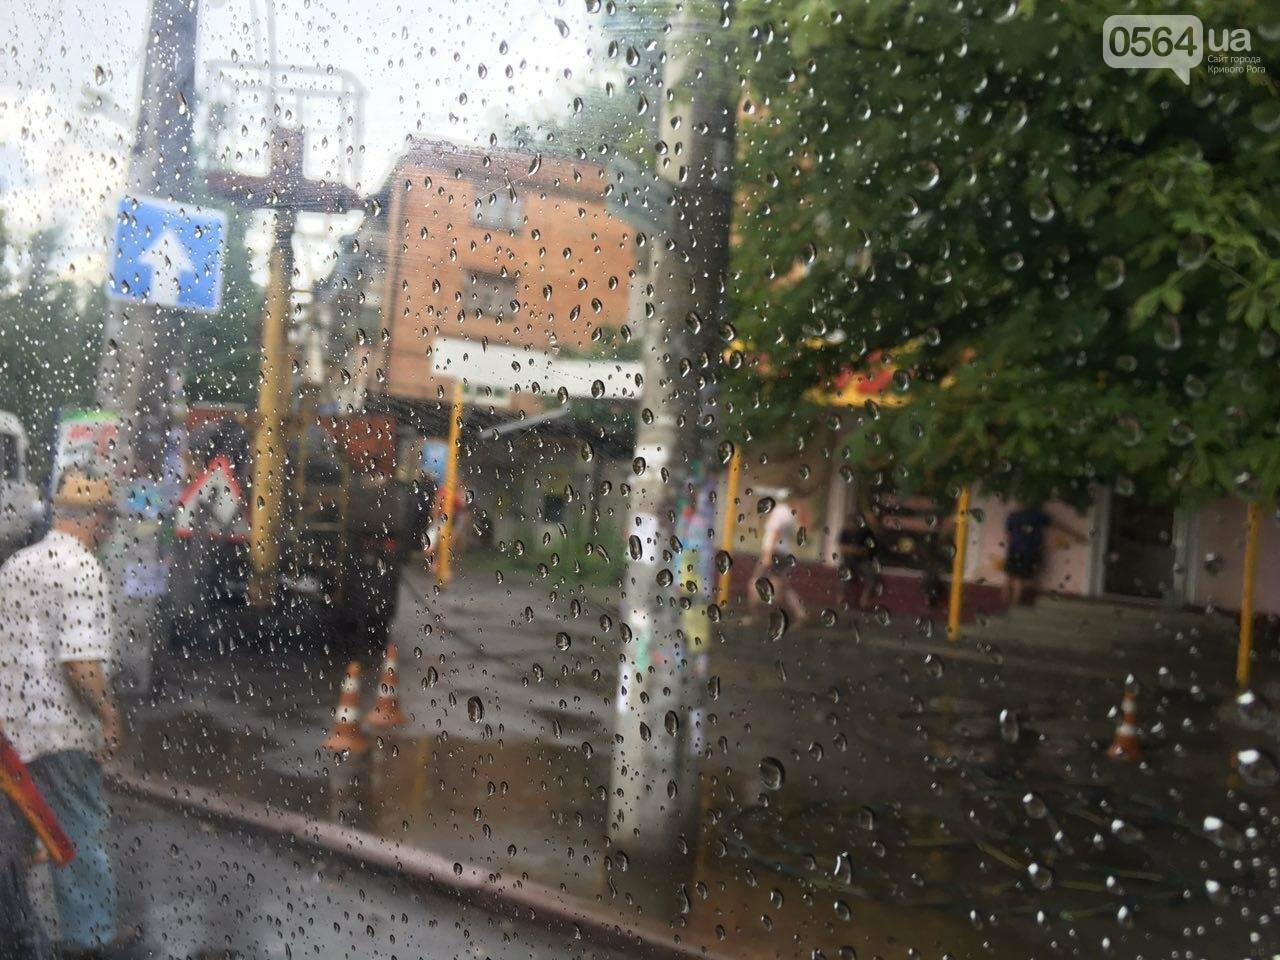 Маршрут дождя: В Кривом Роге в одних районах льет ливень, в других ярко светит солнце, - ФОТО, фото-14